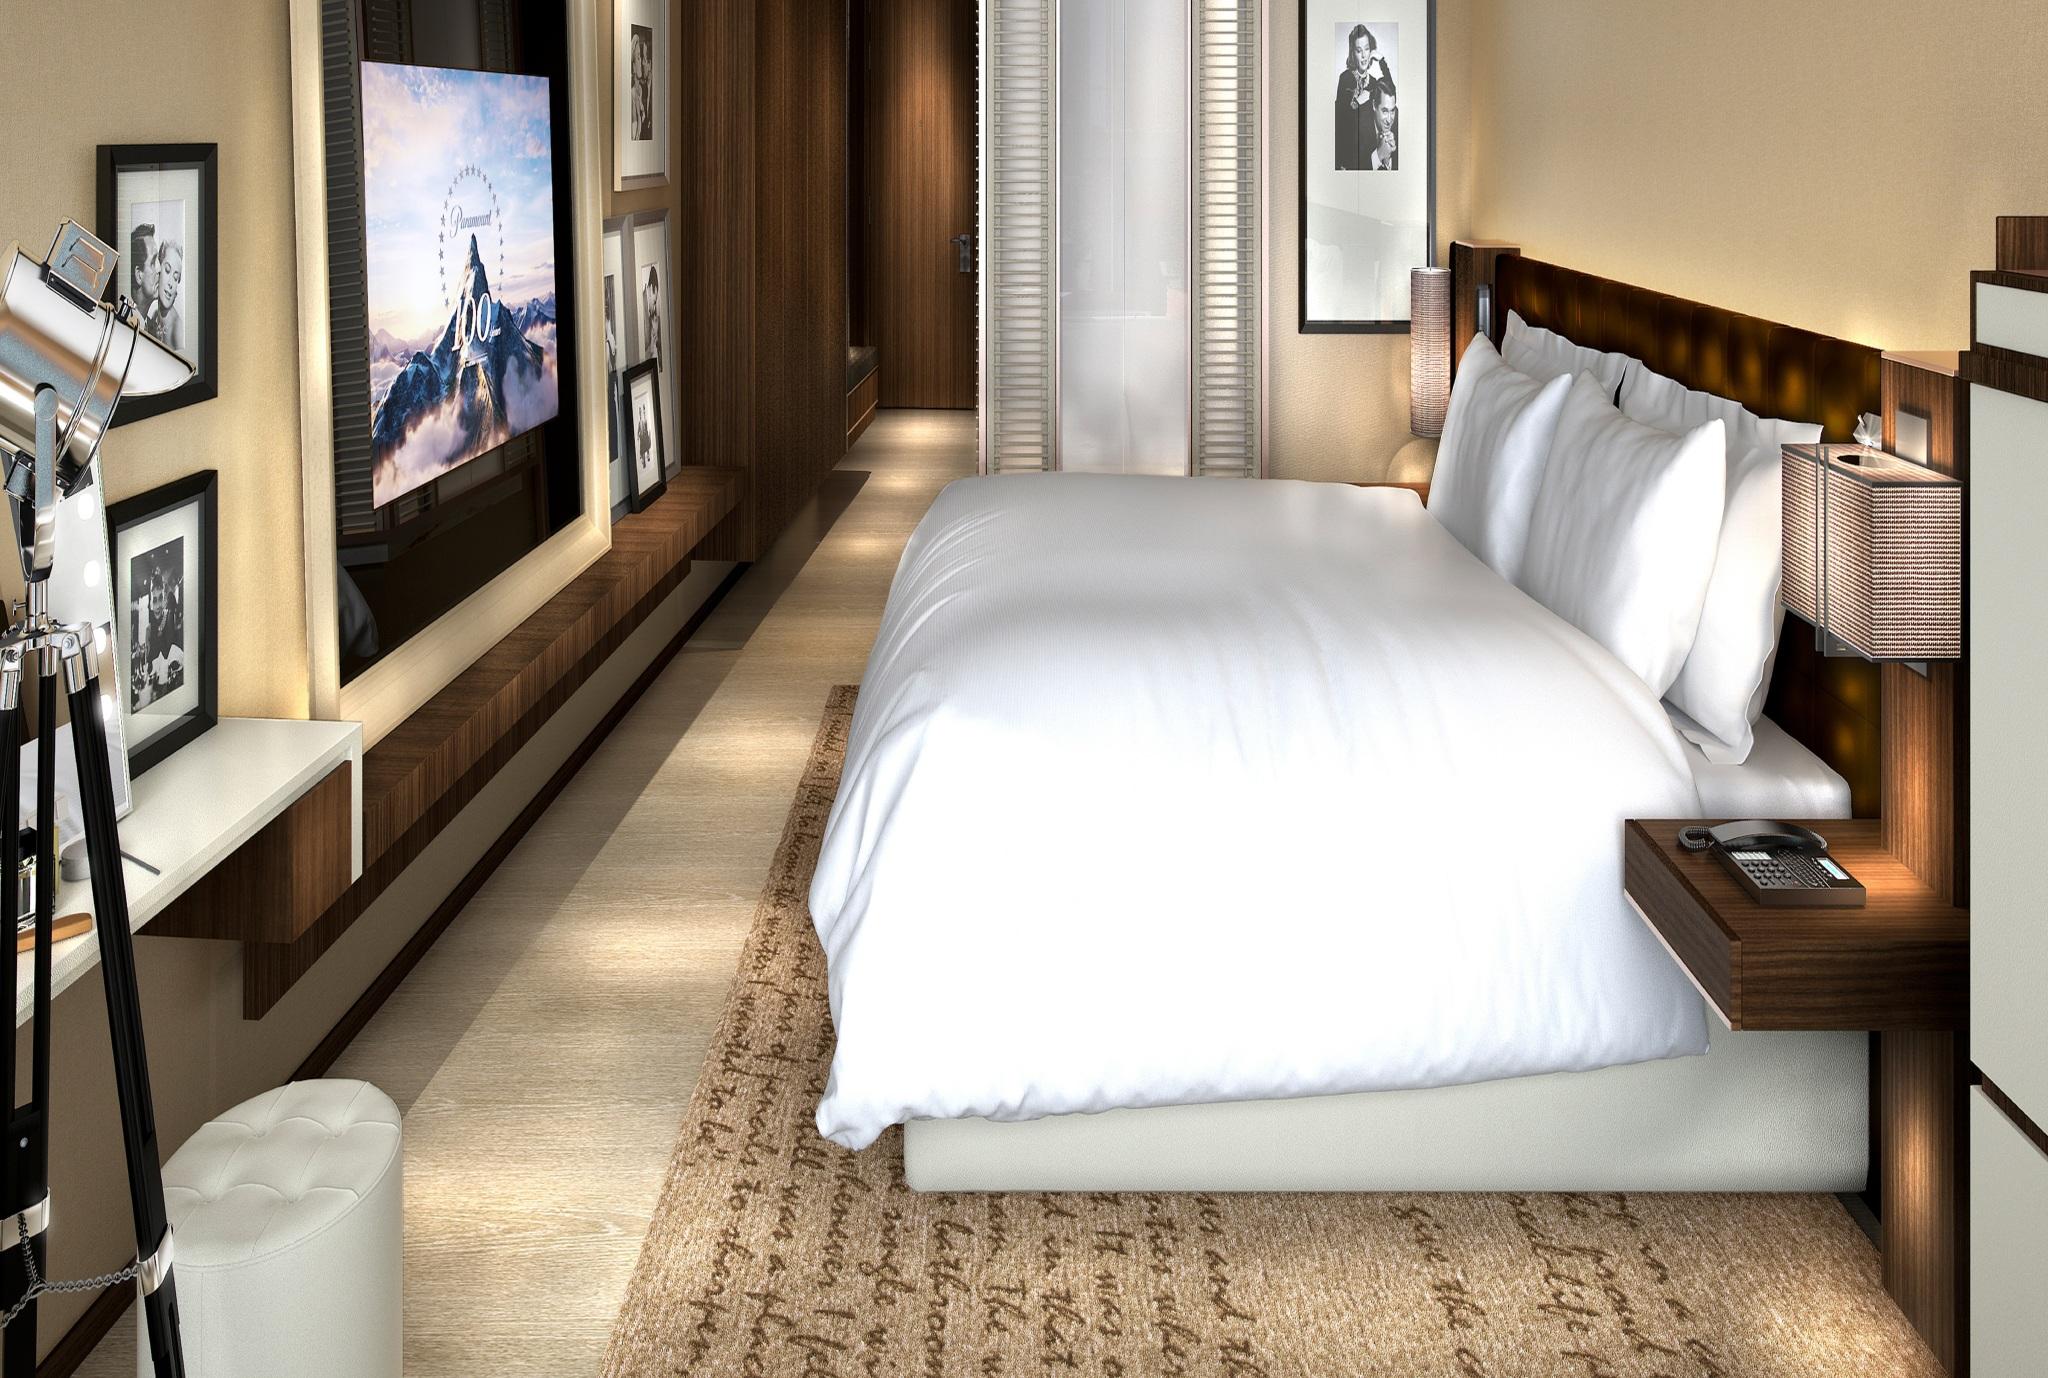 فندق باراماونت الراقي يستعد لإفتتاح أبوابه في الخليج التجاري دبي